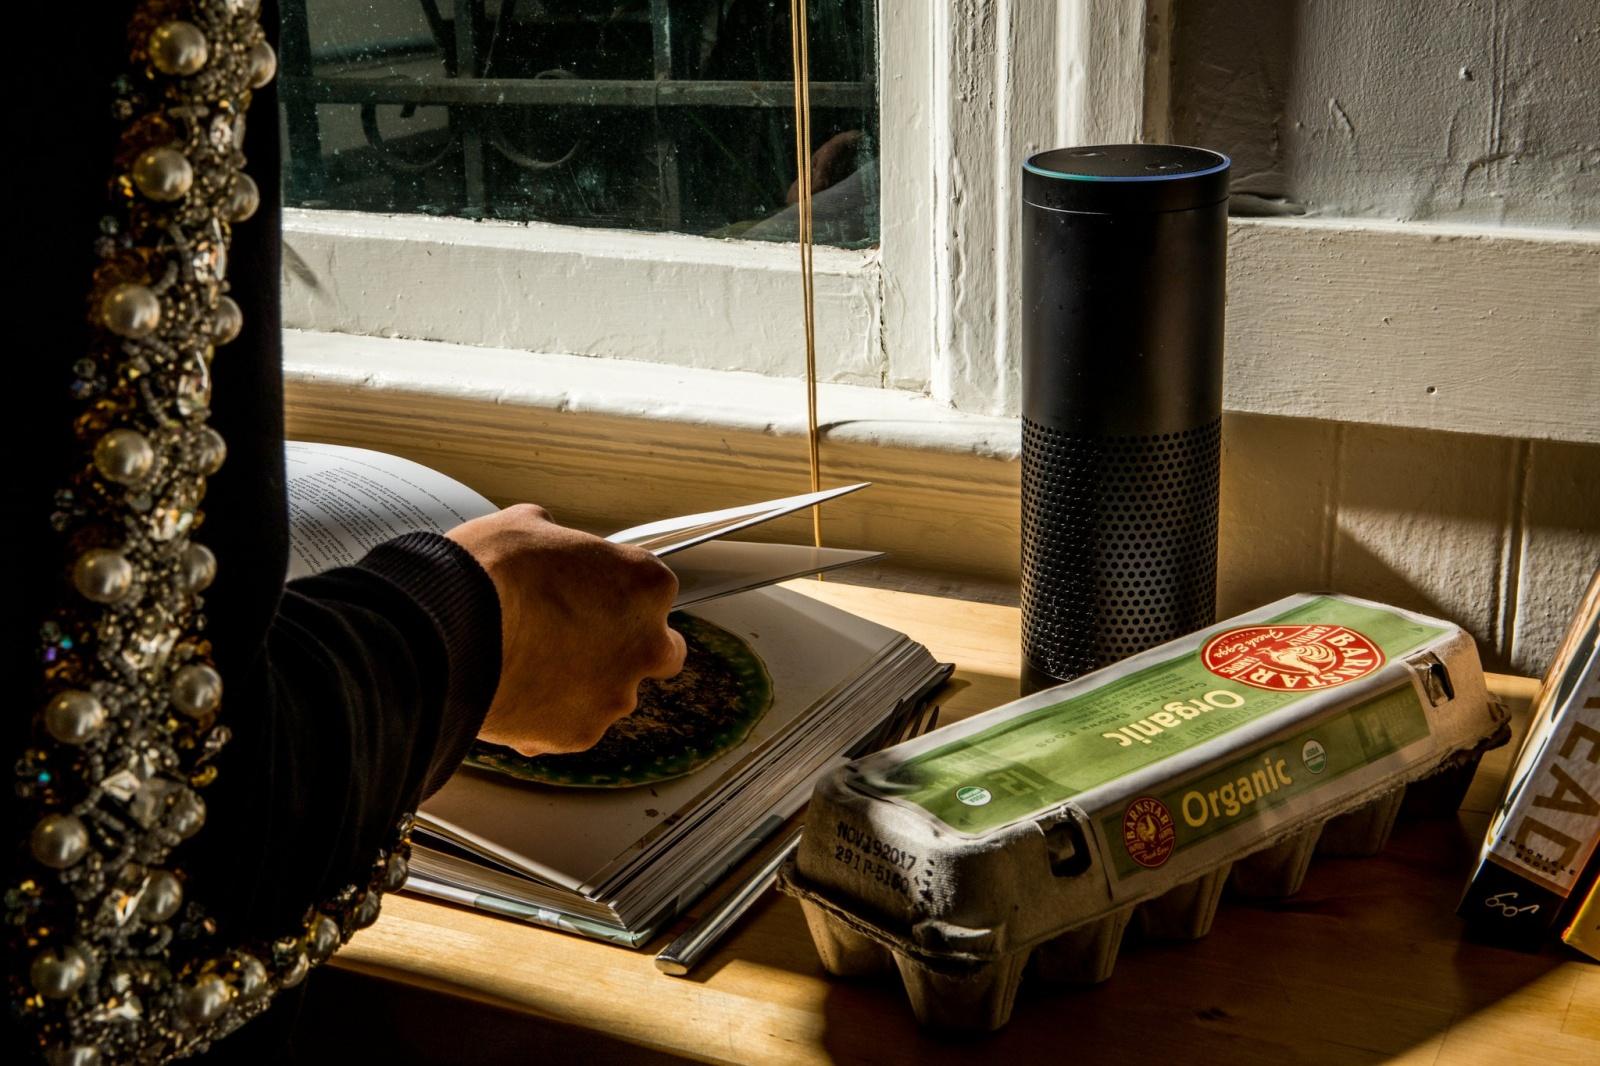 Цифровые помощники слушаются команд, которые неслышимы для человека - 1